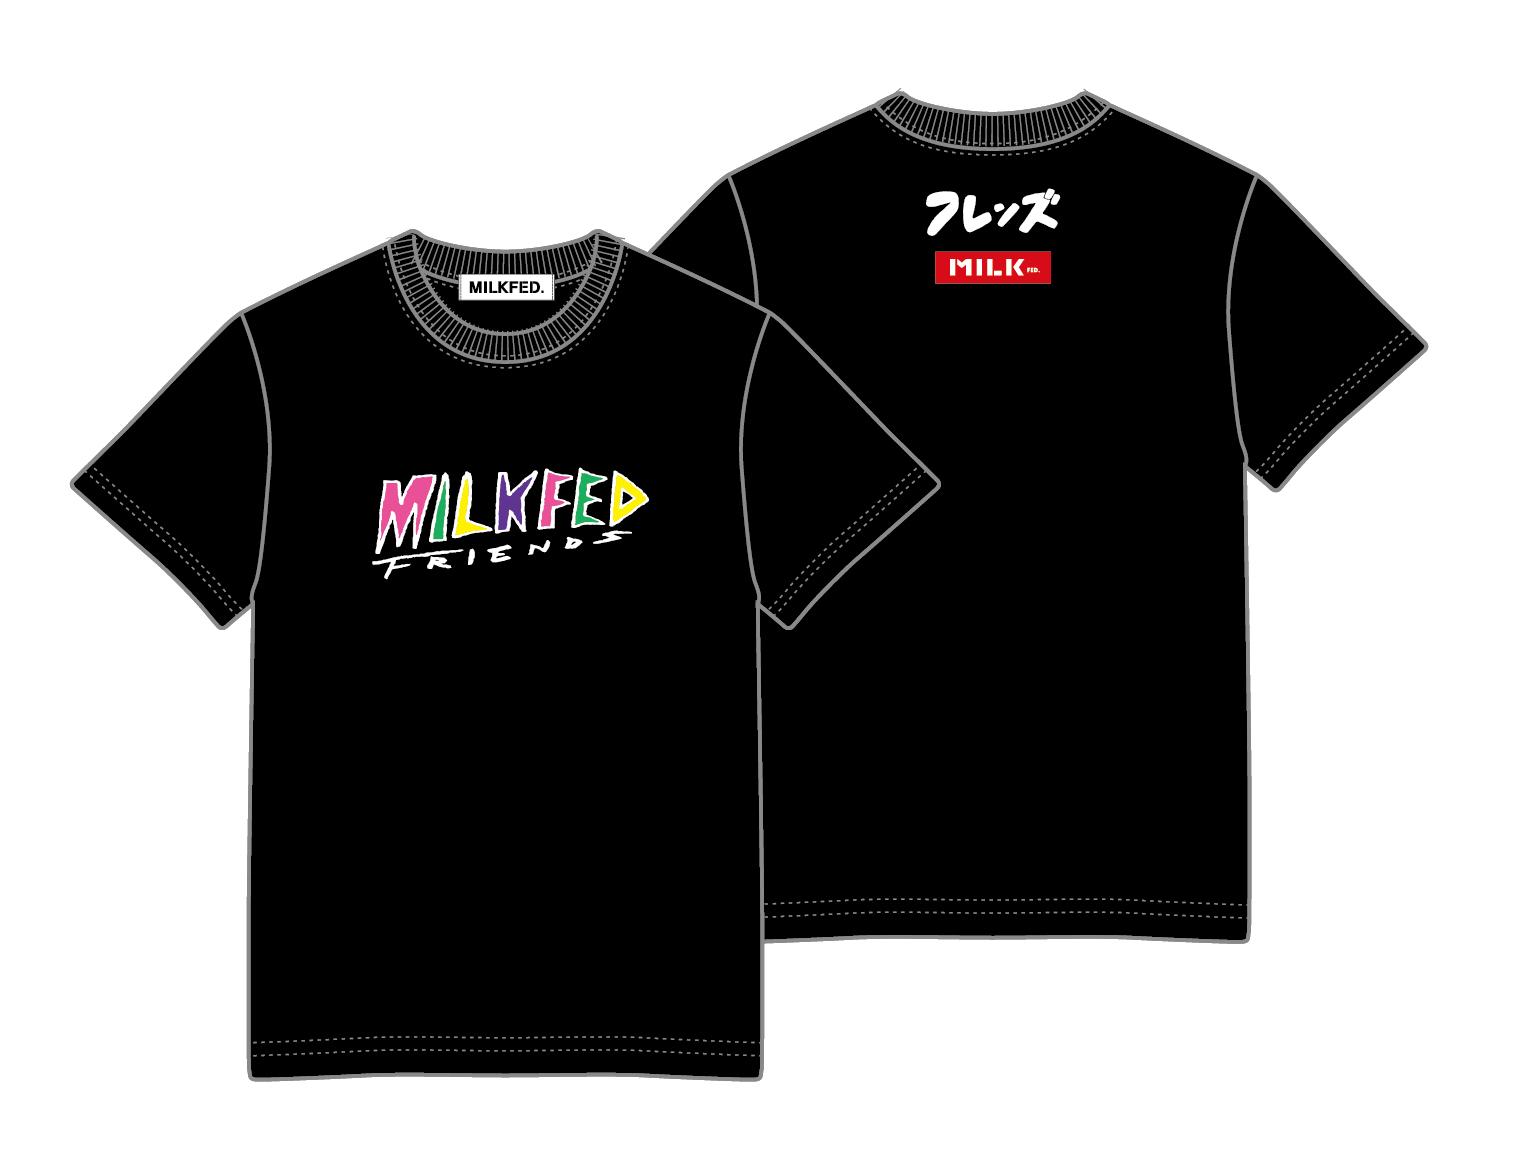 【配送商品】フレンズ × MILKFED. コラボTシャツ BLACK(L)の画像